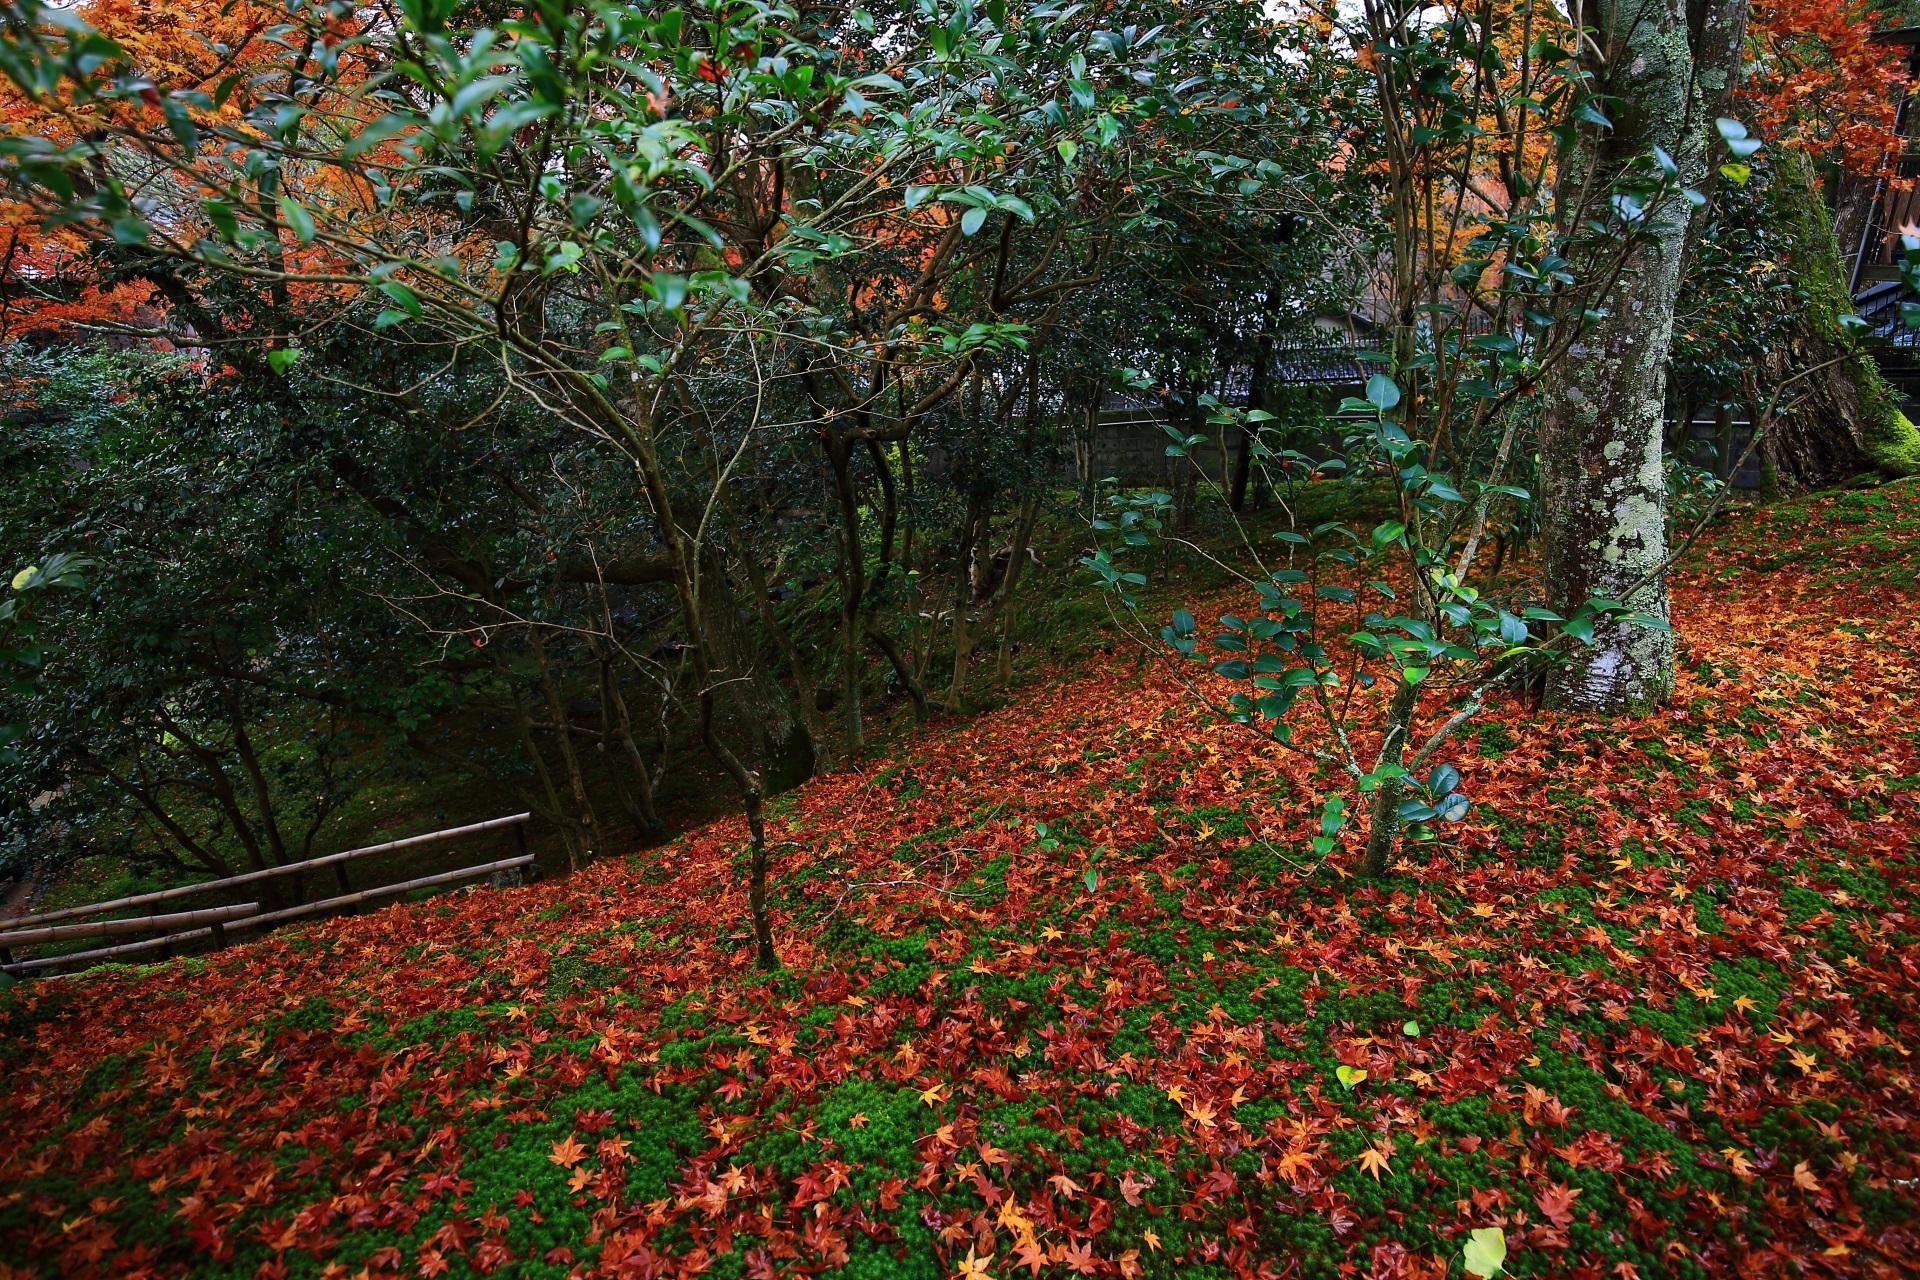 苔やたくさんの種類の木々を彩る豪快な散り紅葉